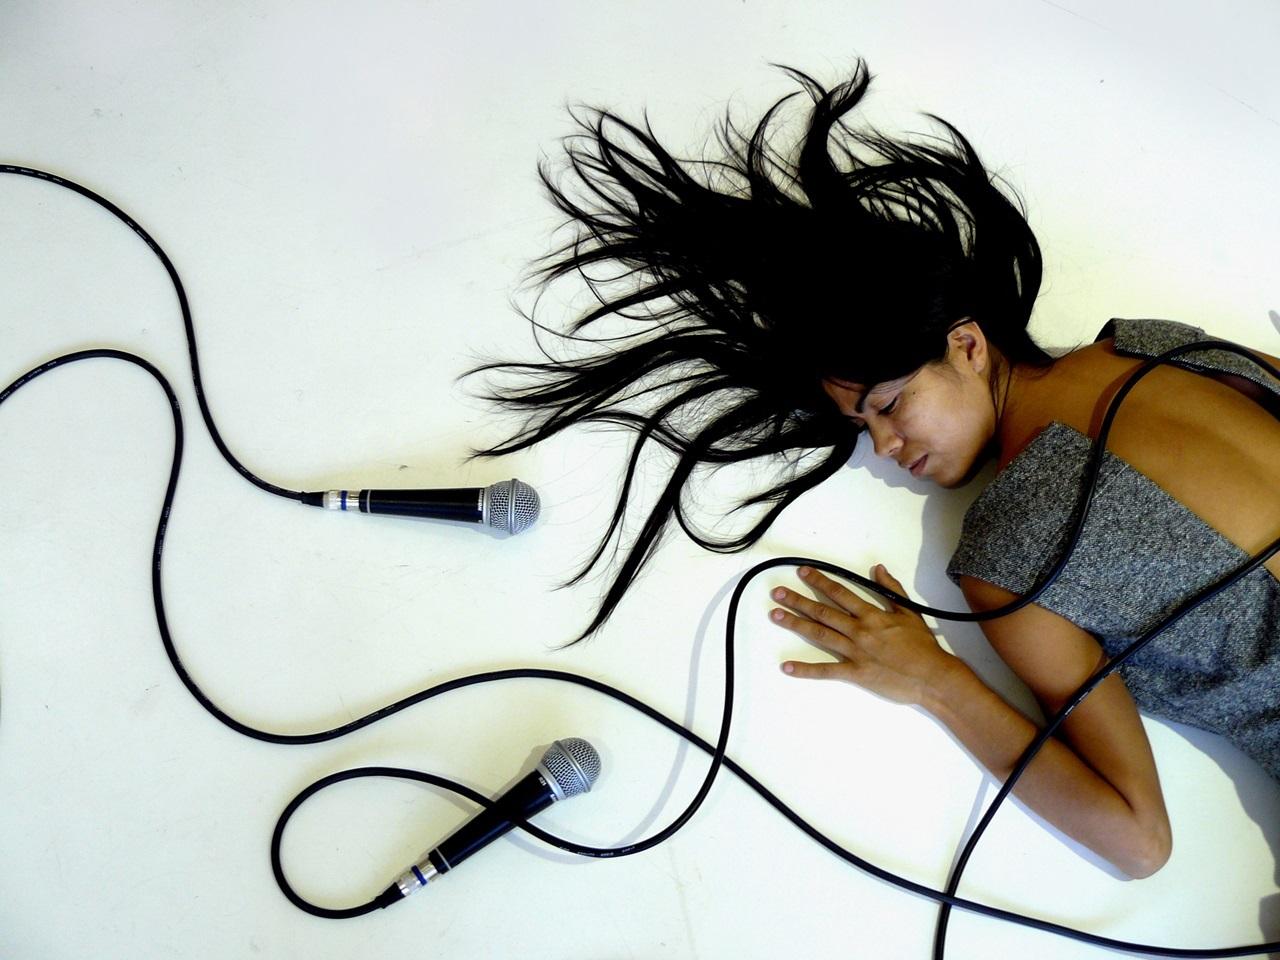 El arte y la escenografía forman parte de los proyectos de la Cooperación Iberoamericana.